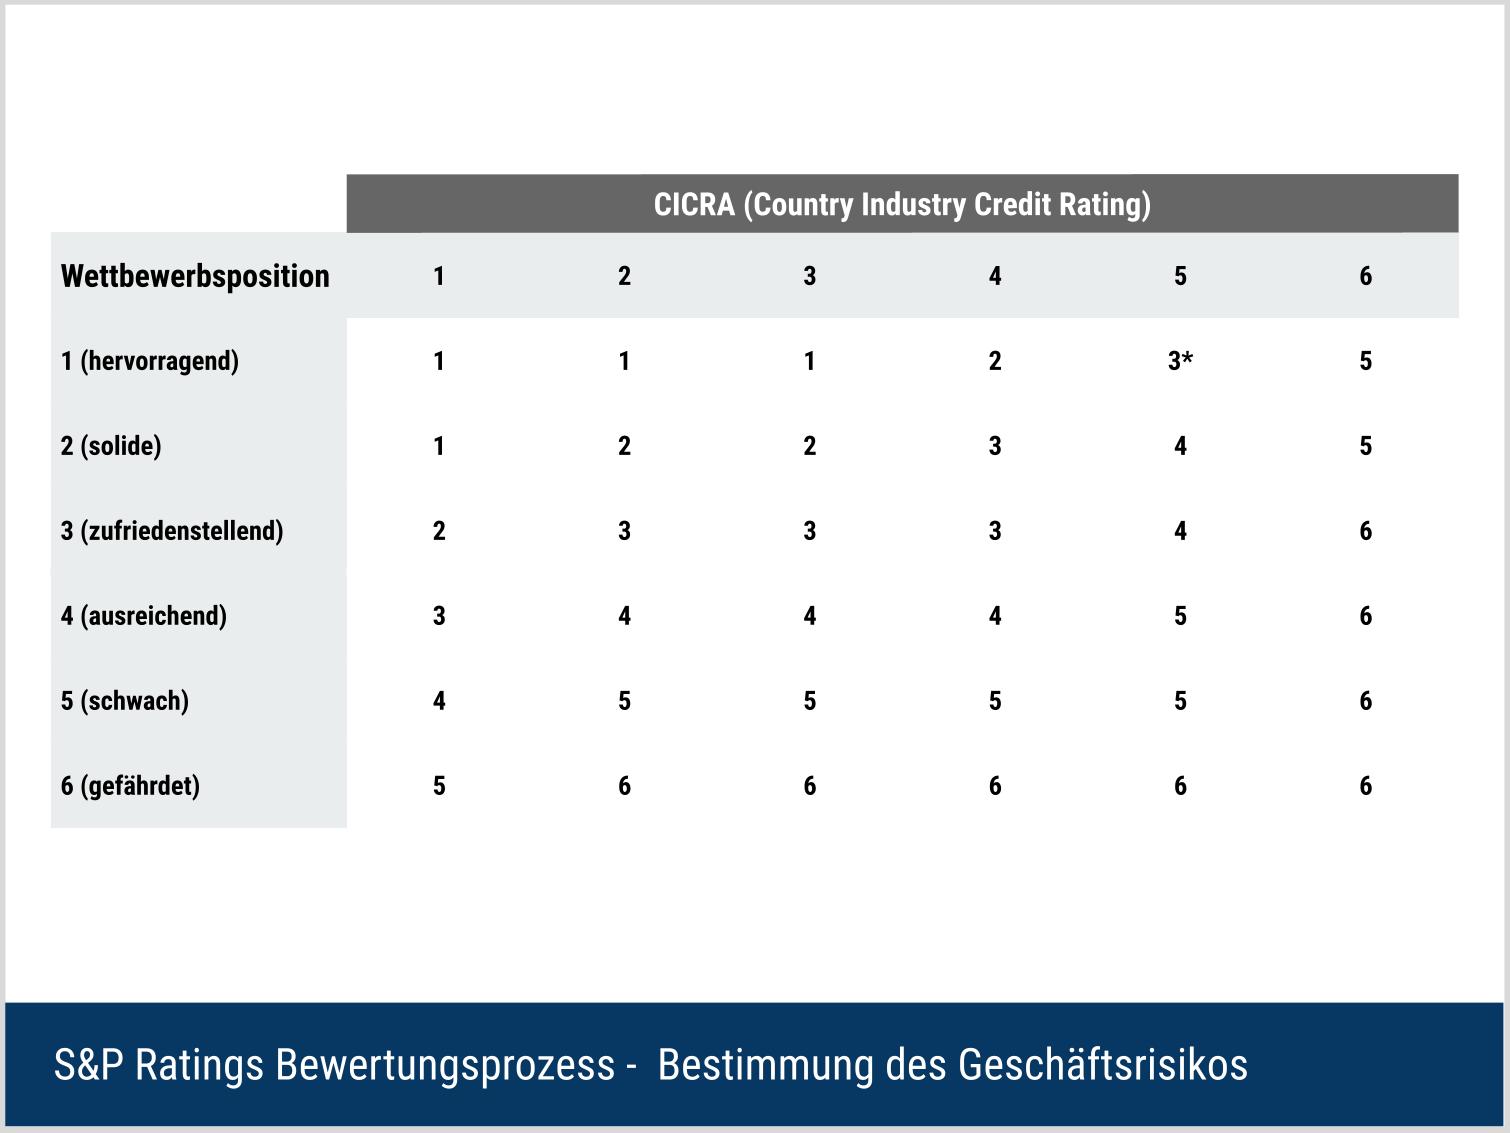 S&P Ratings Bewertungsverfahren - Geschäftsrisiko